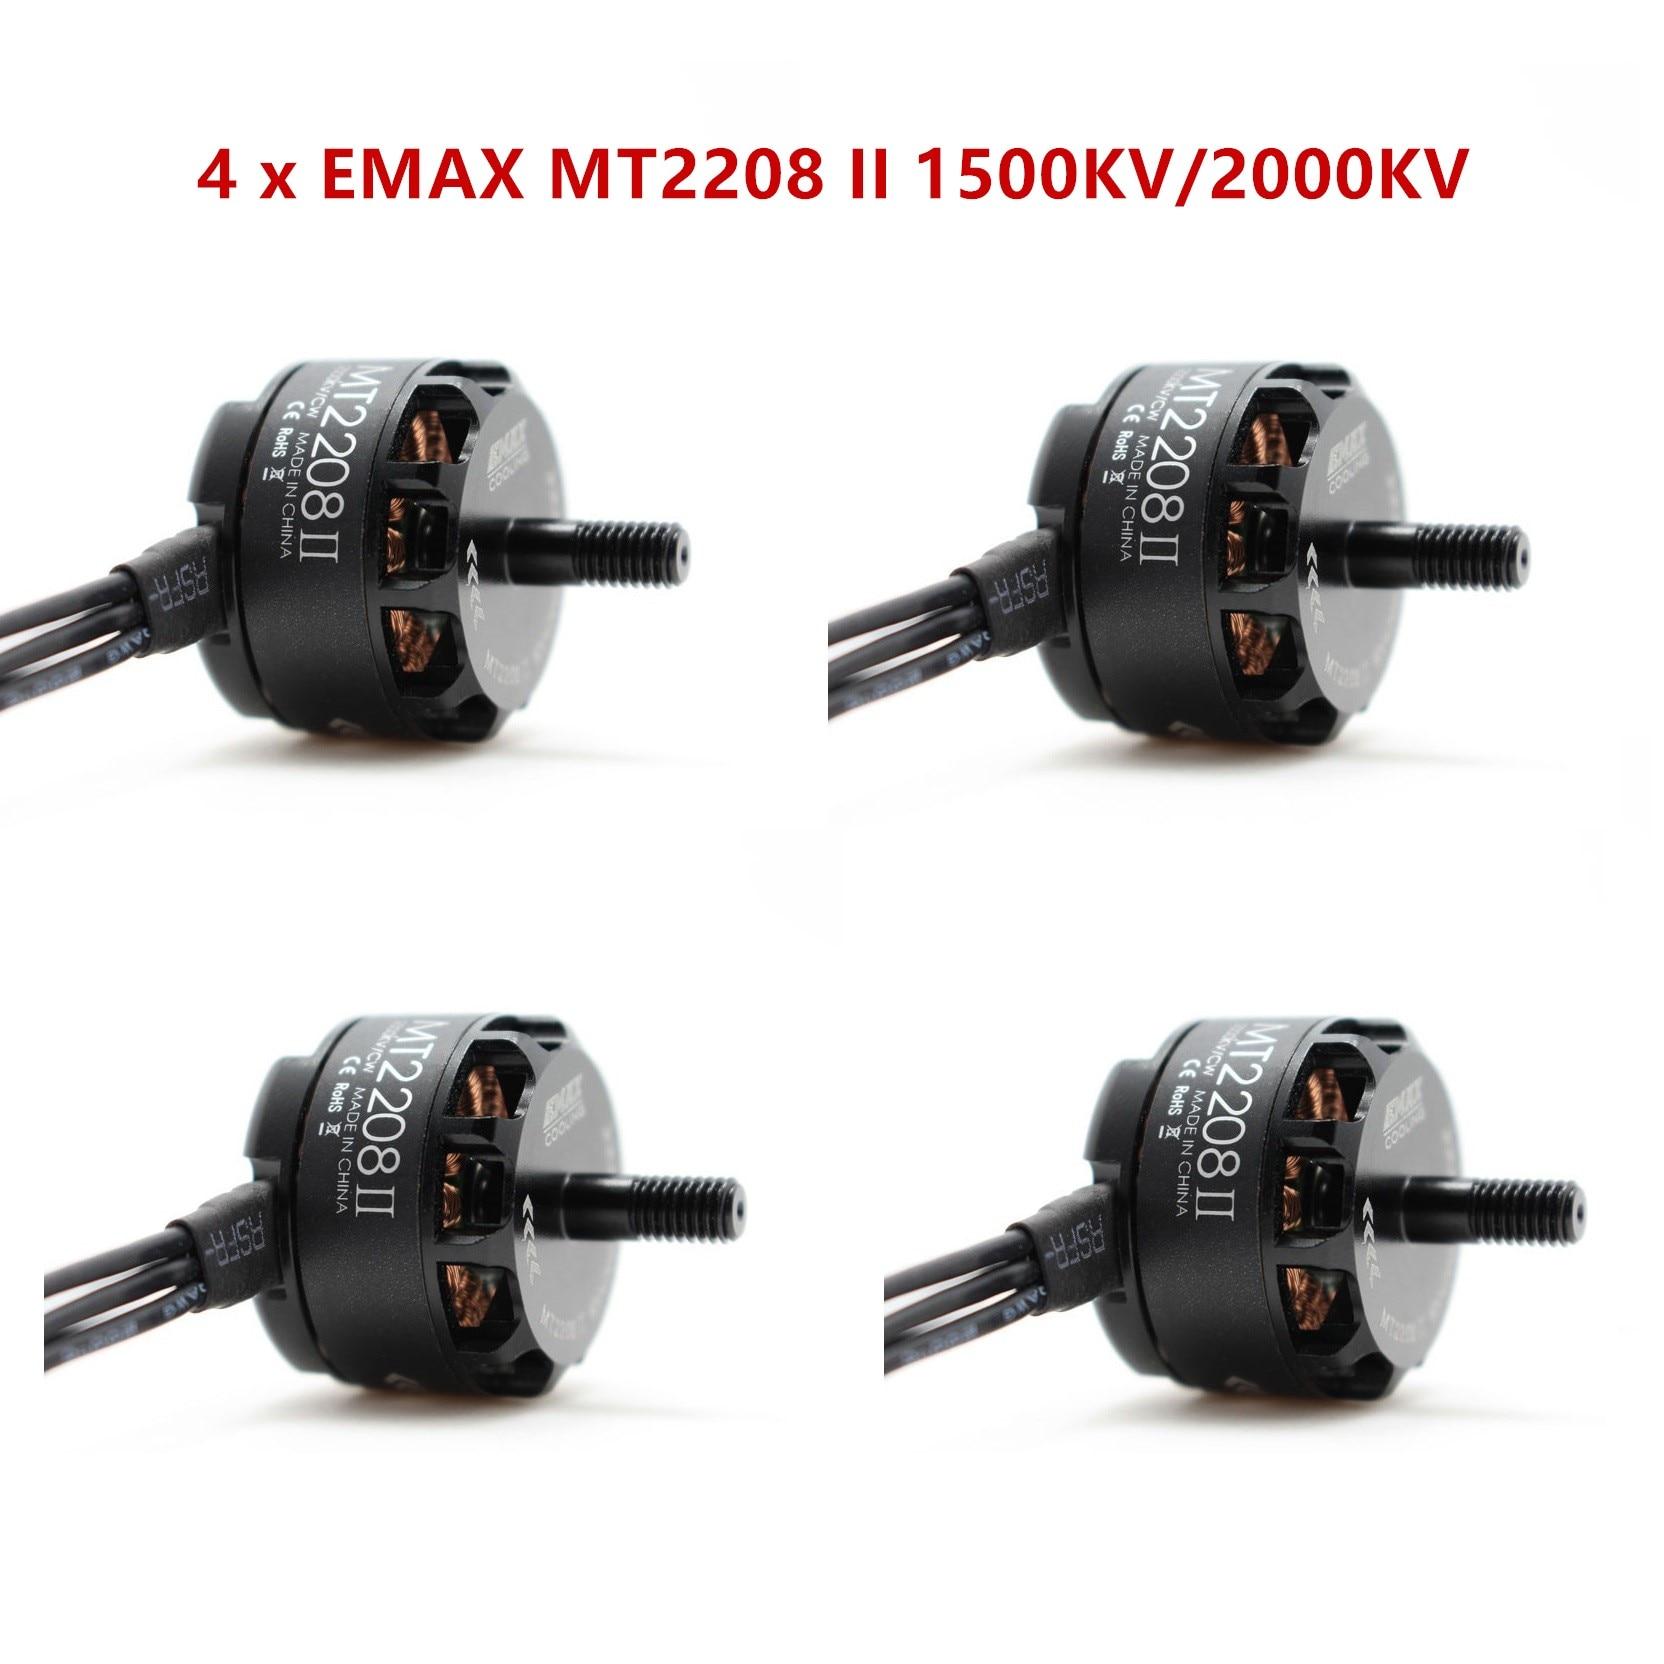 Original EMAX MT2208 II 1500KV/2000KV CW CCW Brushless Motor For RC QAV250 F330 Multicopter